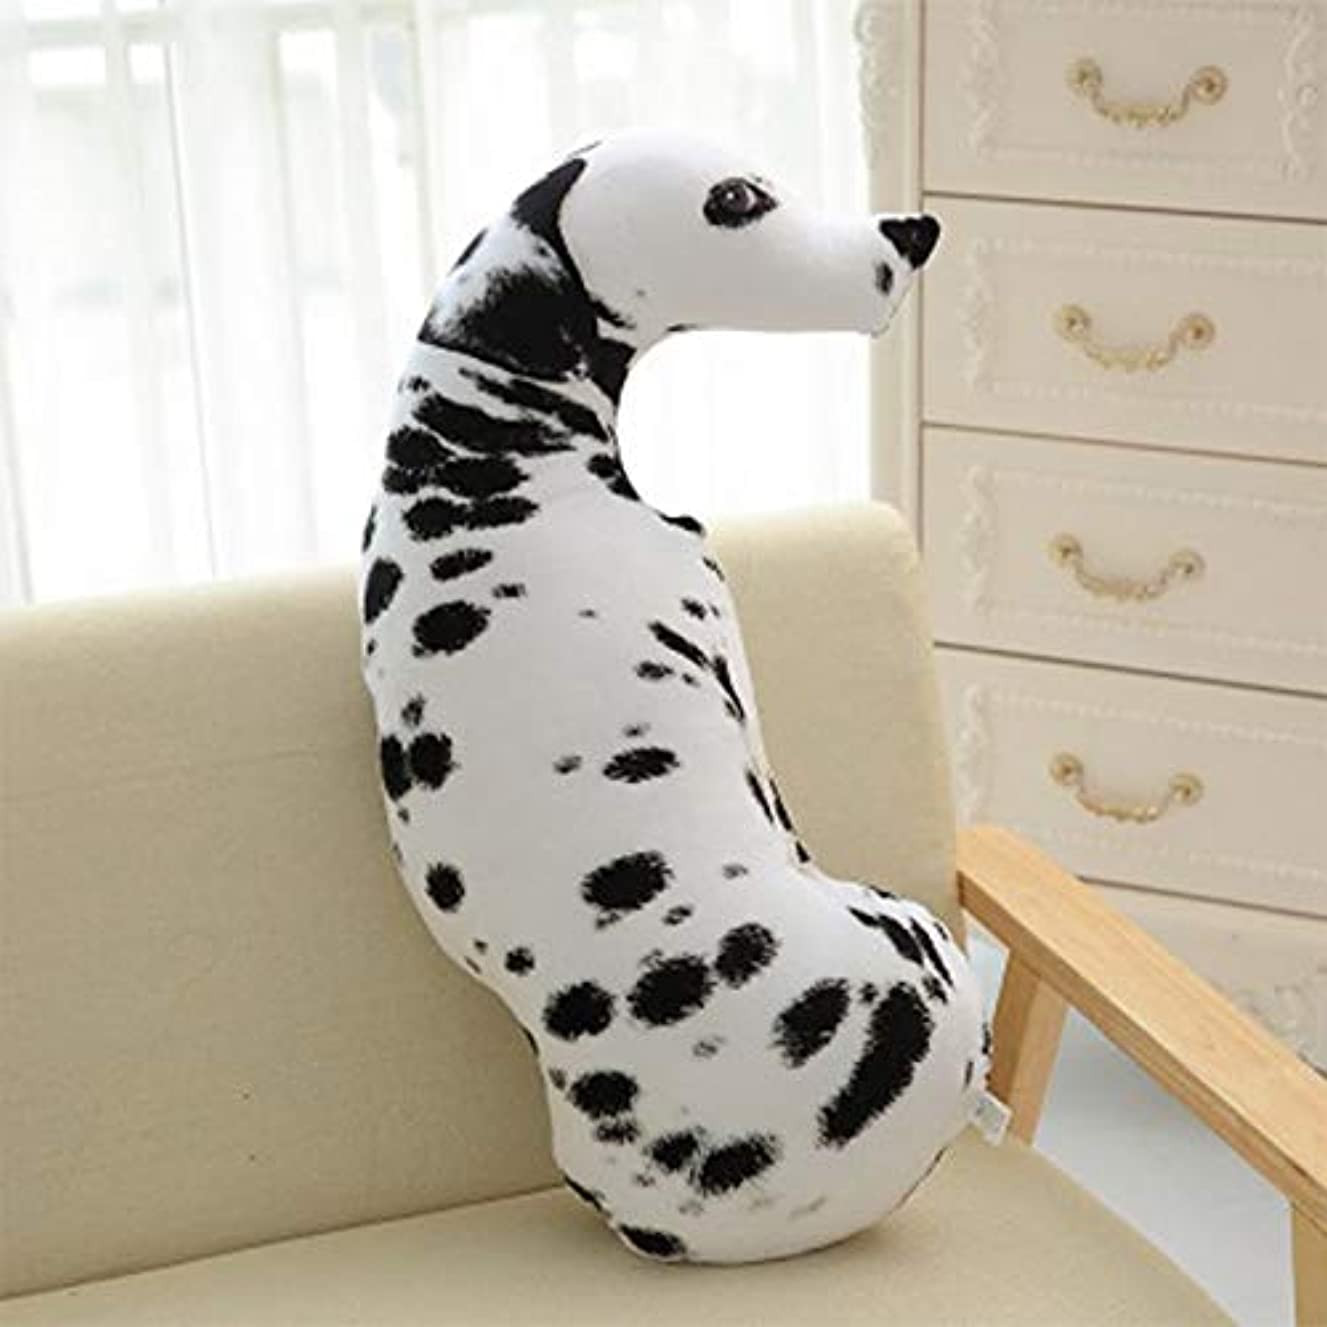 元のブロックする分離するLIFE 3D プリントシミュレーション犬ぬいぐるみクッションぬいぐるみ犬ぬいぐるみ枕ぬいぐるみの漫画クッションキッズ人形ベストギフト クッション 椅子